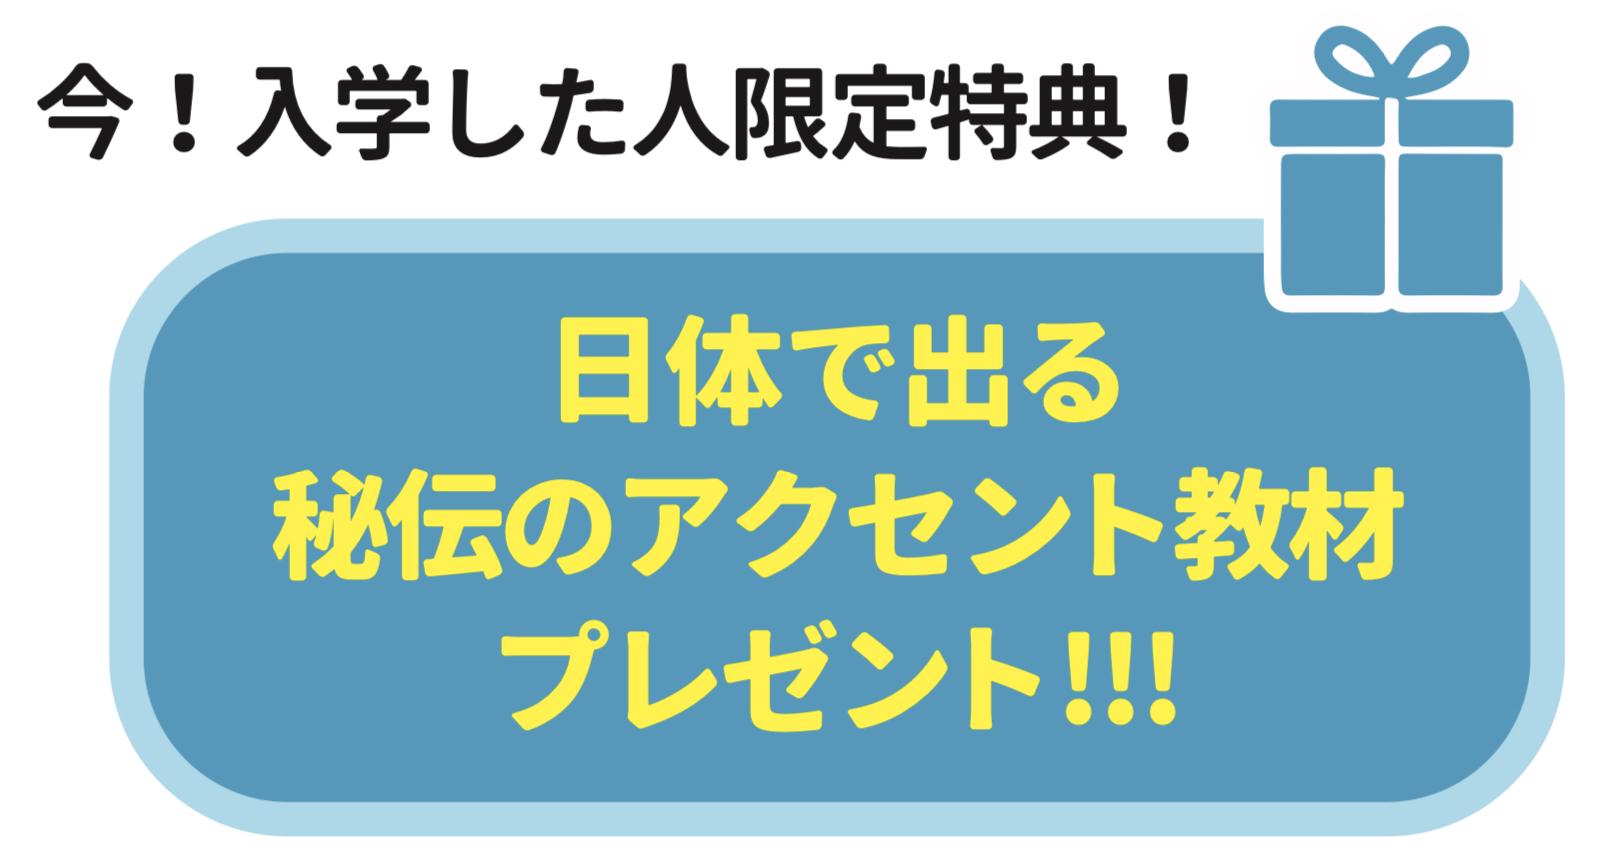 http://www.e-taishin.com/event/common/img/nyugaku_present.jpg